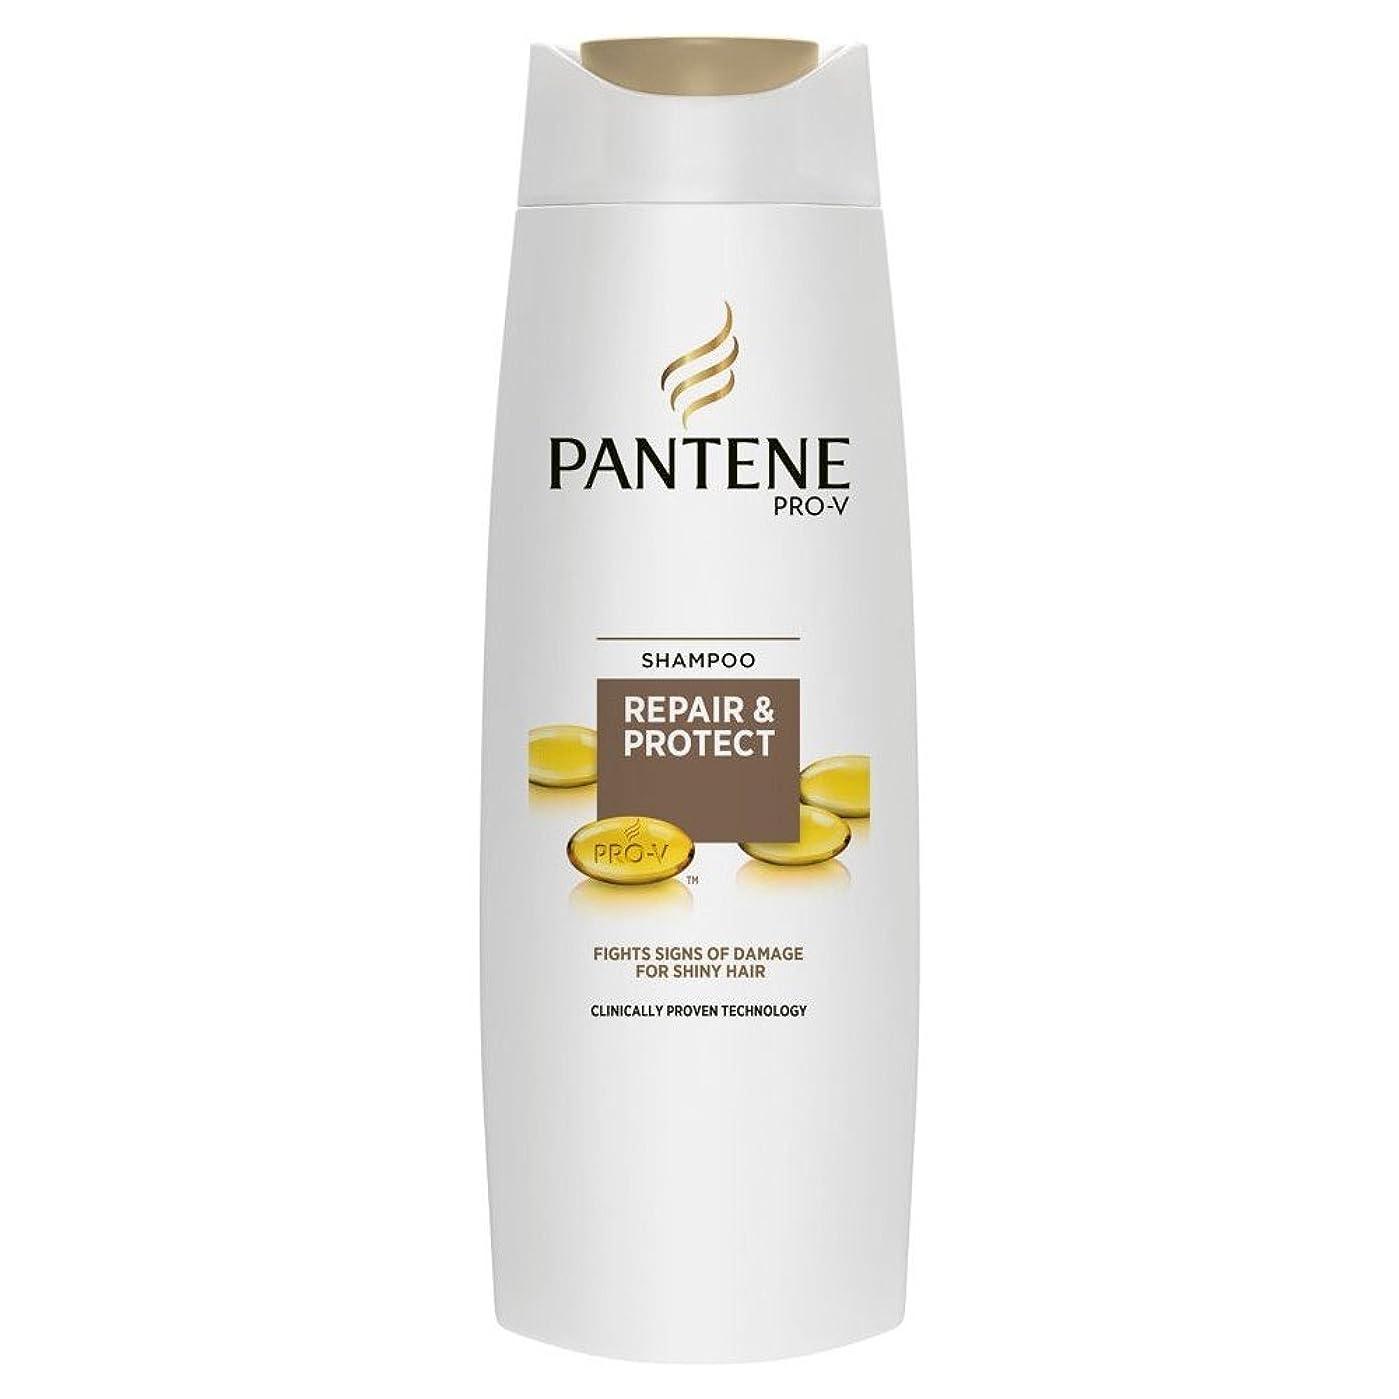 貫通刈り取るトランスペアレントPantene Pro-V Repair & Protect Shampoo (250ml) パンテーンプロvの修理やシャンプーを保護( 250ミリリットル) [並行輸入品]